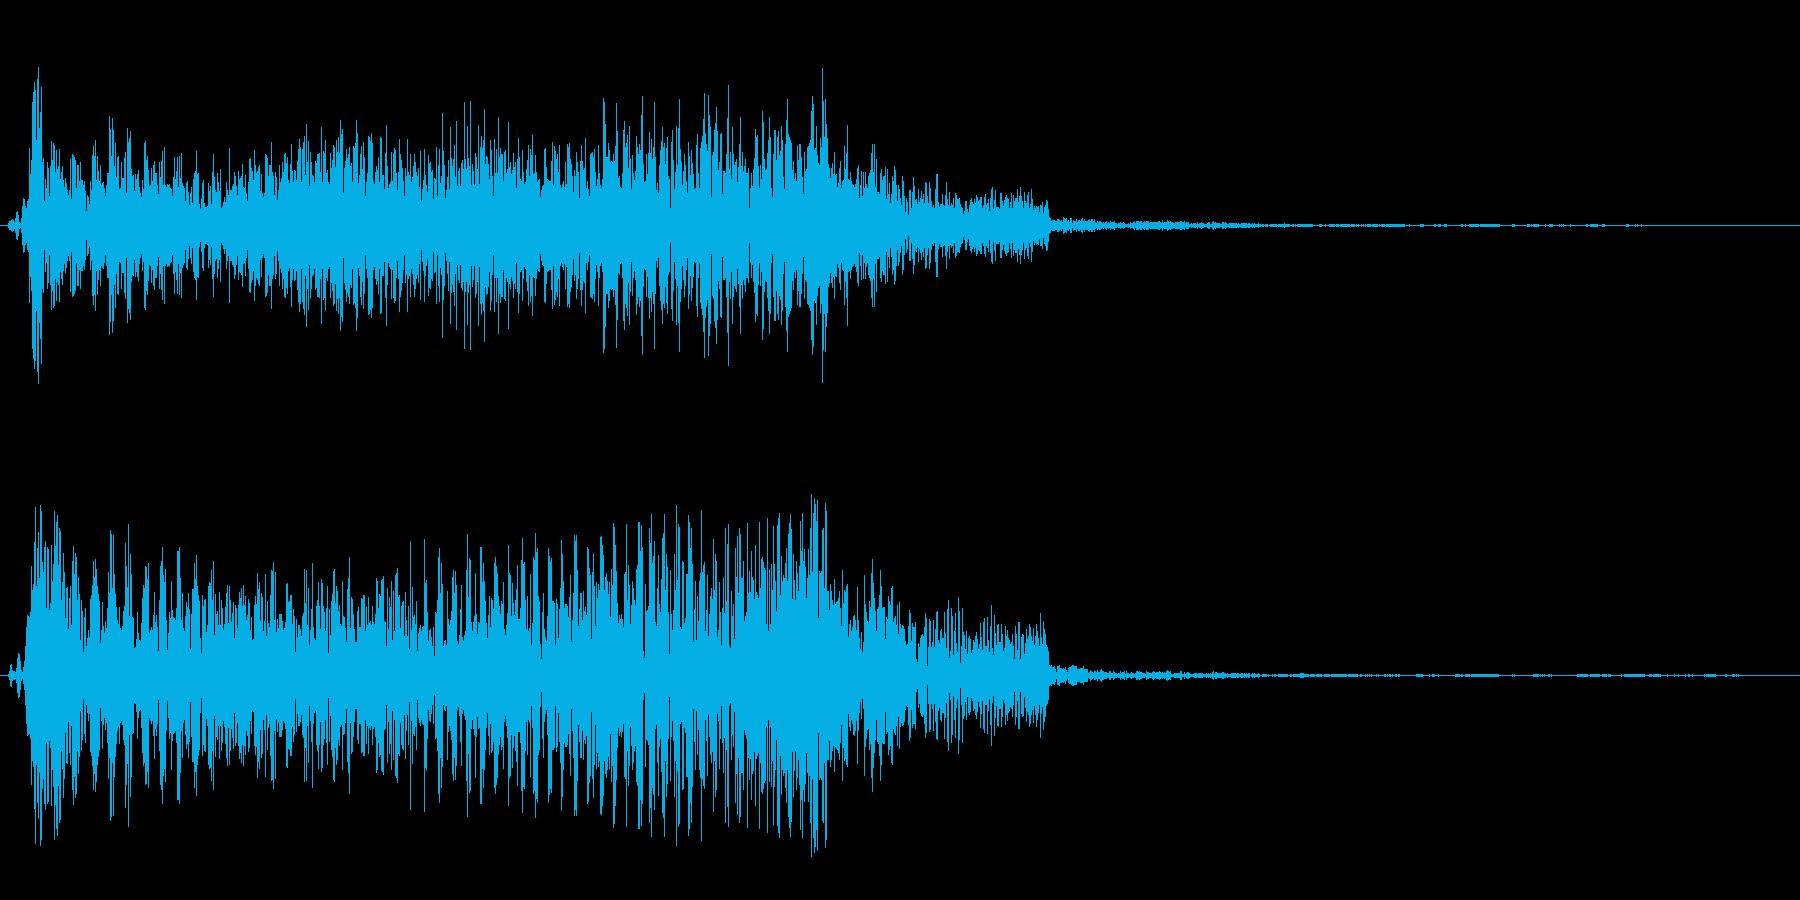 バネがキューンと伸びて縮む音の再生済みの波形